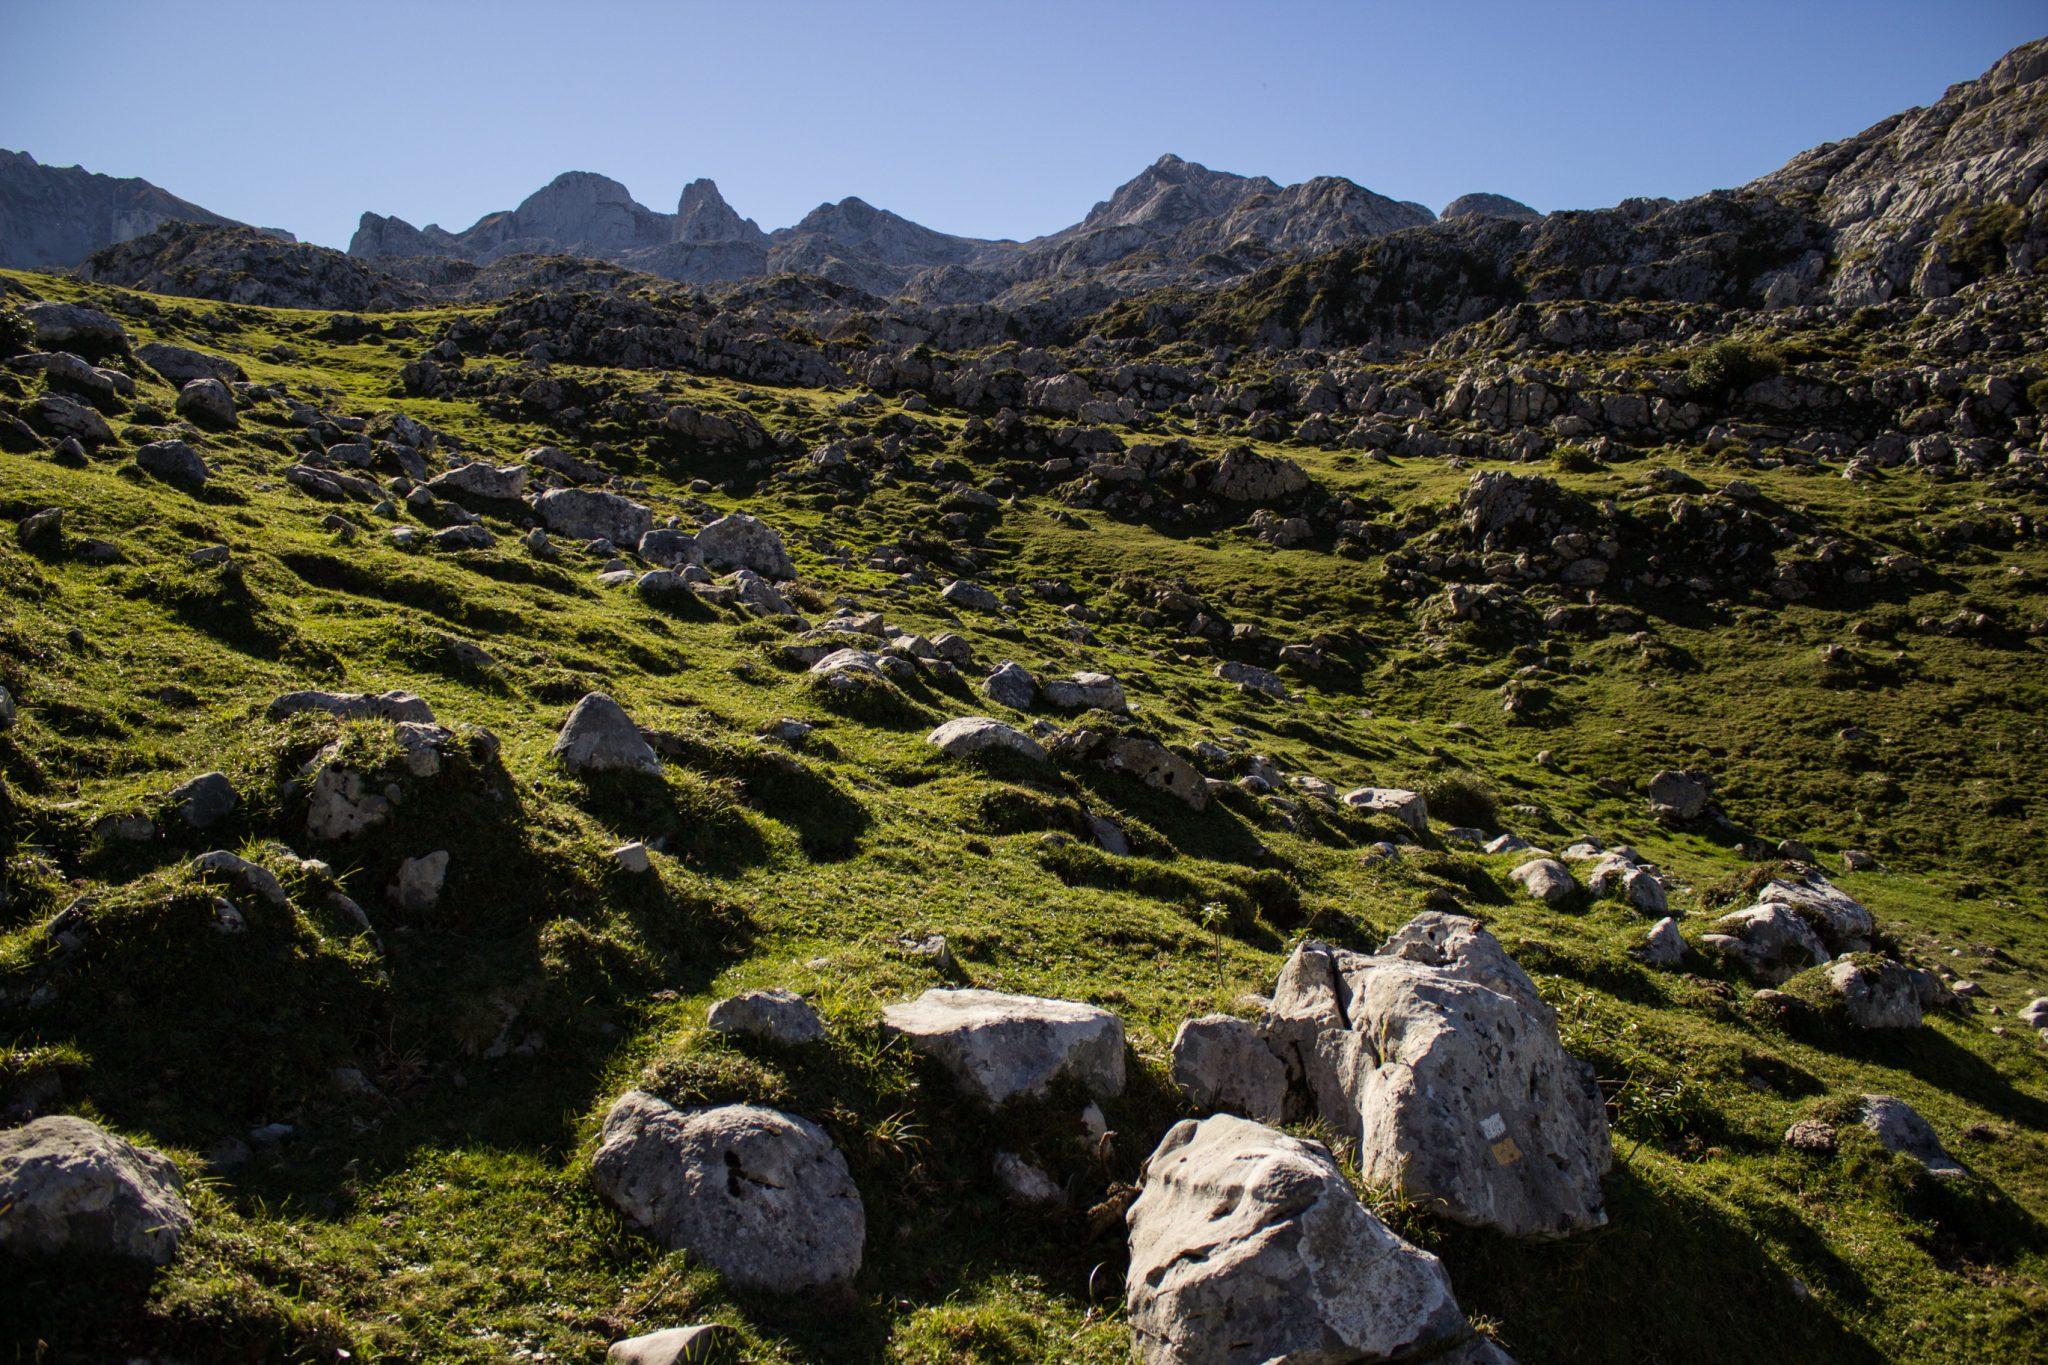 Wanderung Mirador de Ordiales Picos de Europa Spanien, schöner schmaler und einsamer Wanderweg, verschiedenste Felsen, Aussicht auf Mirador de Ordiales